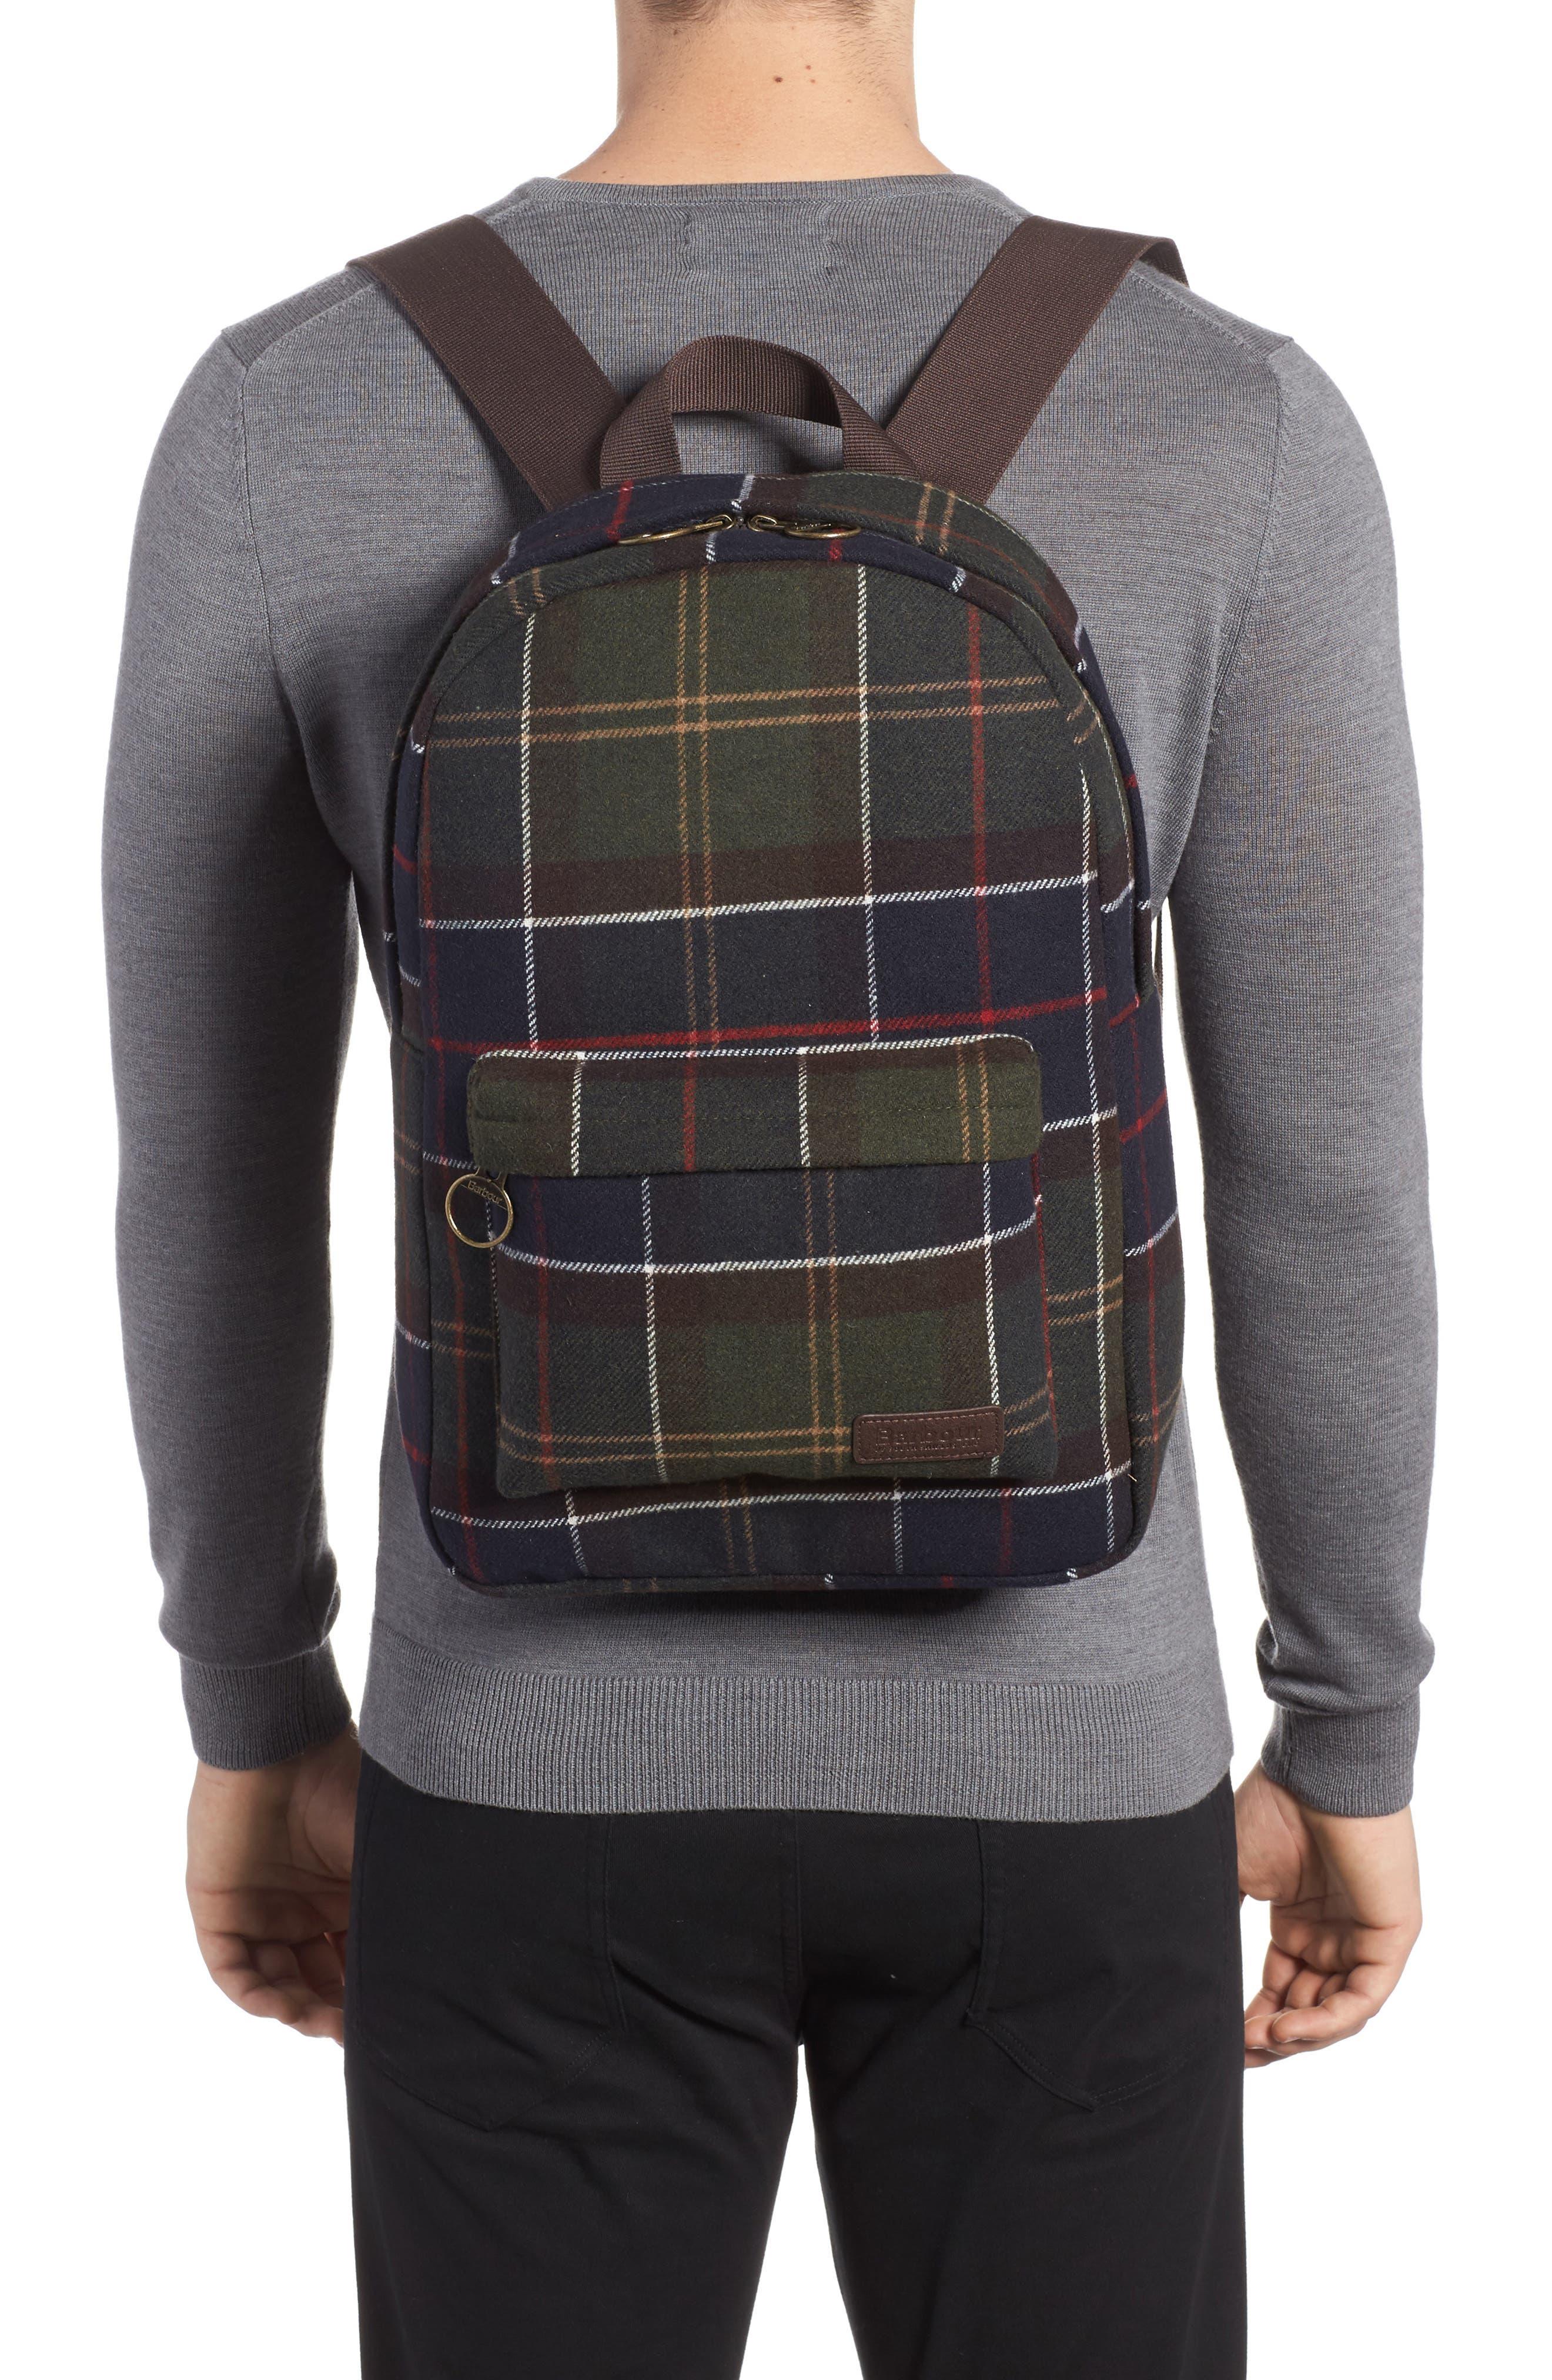 Carrbridge Backpack,                             Alternate thumbnail 2, color,                             300